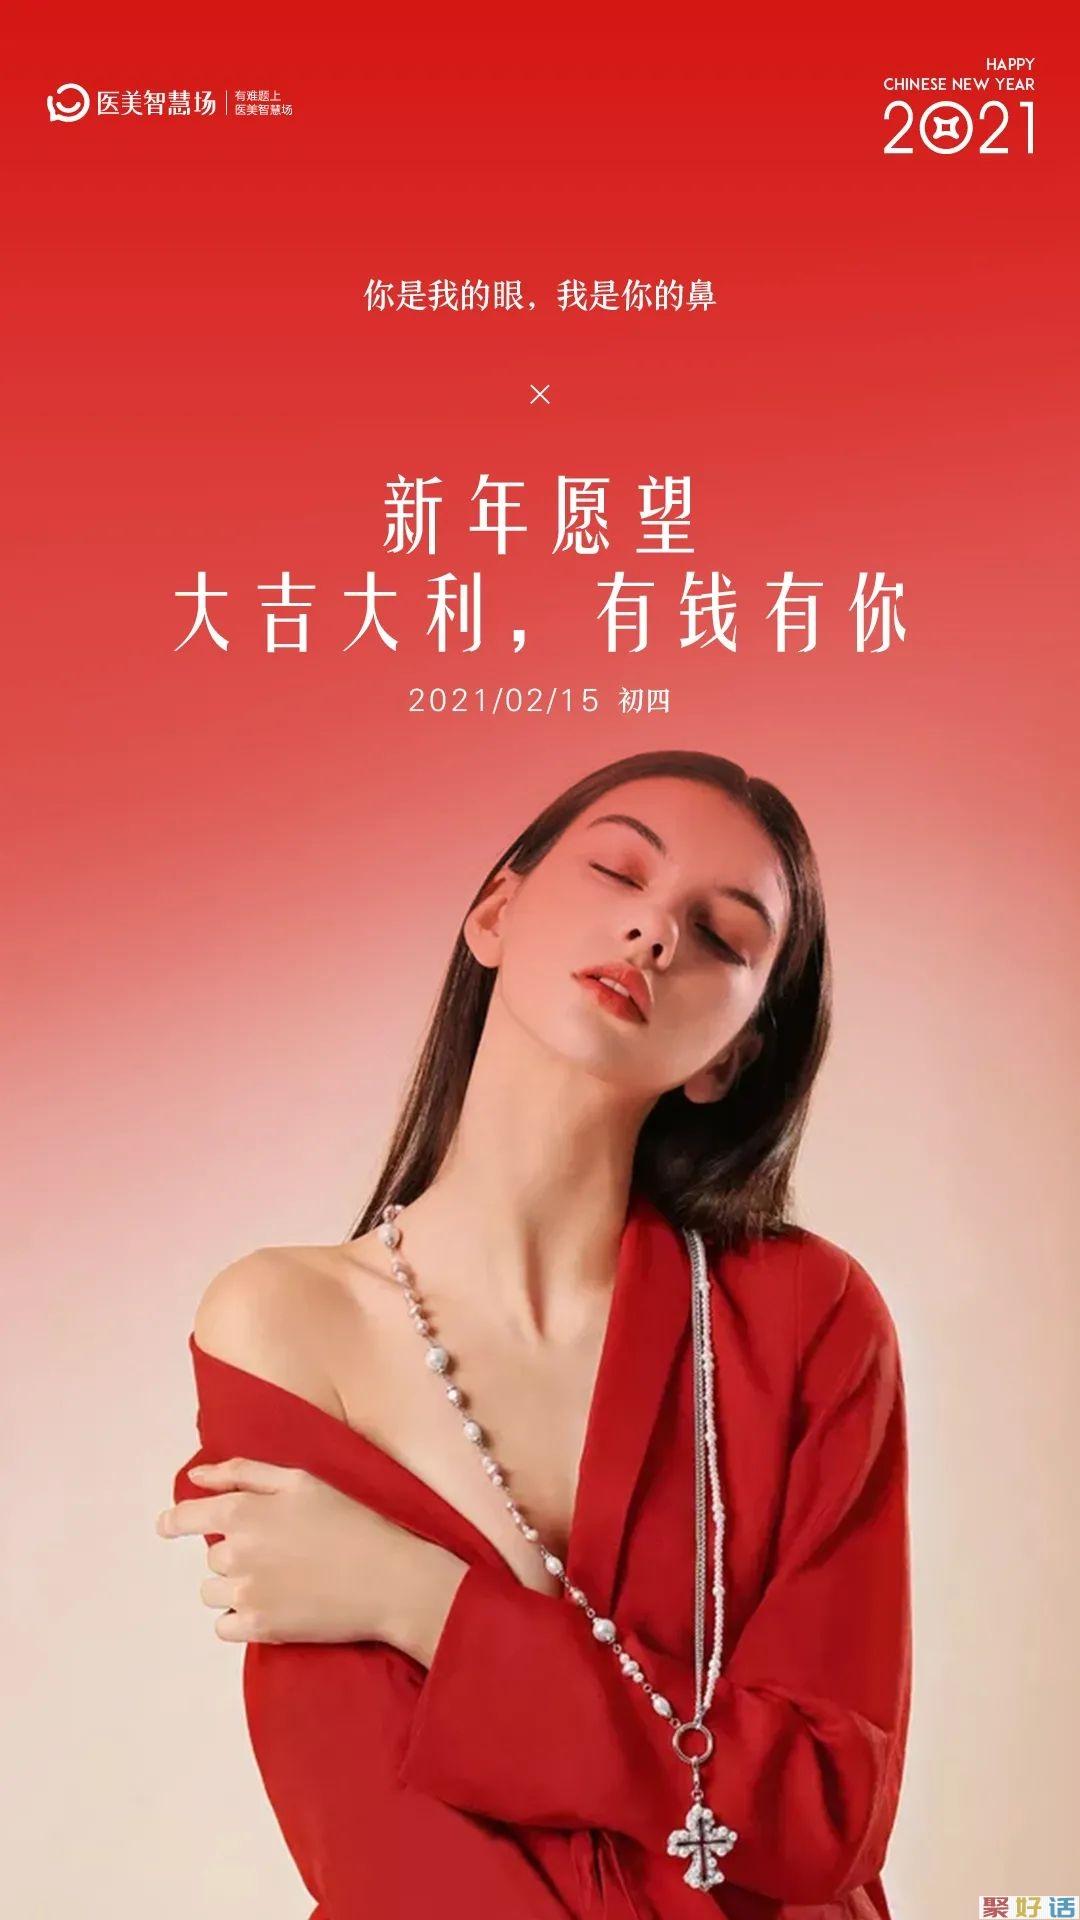 私藏春节文案,新年朋友圈九宫格必须是这个!插图57